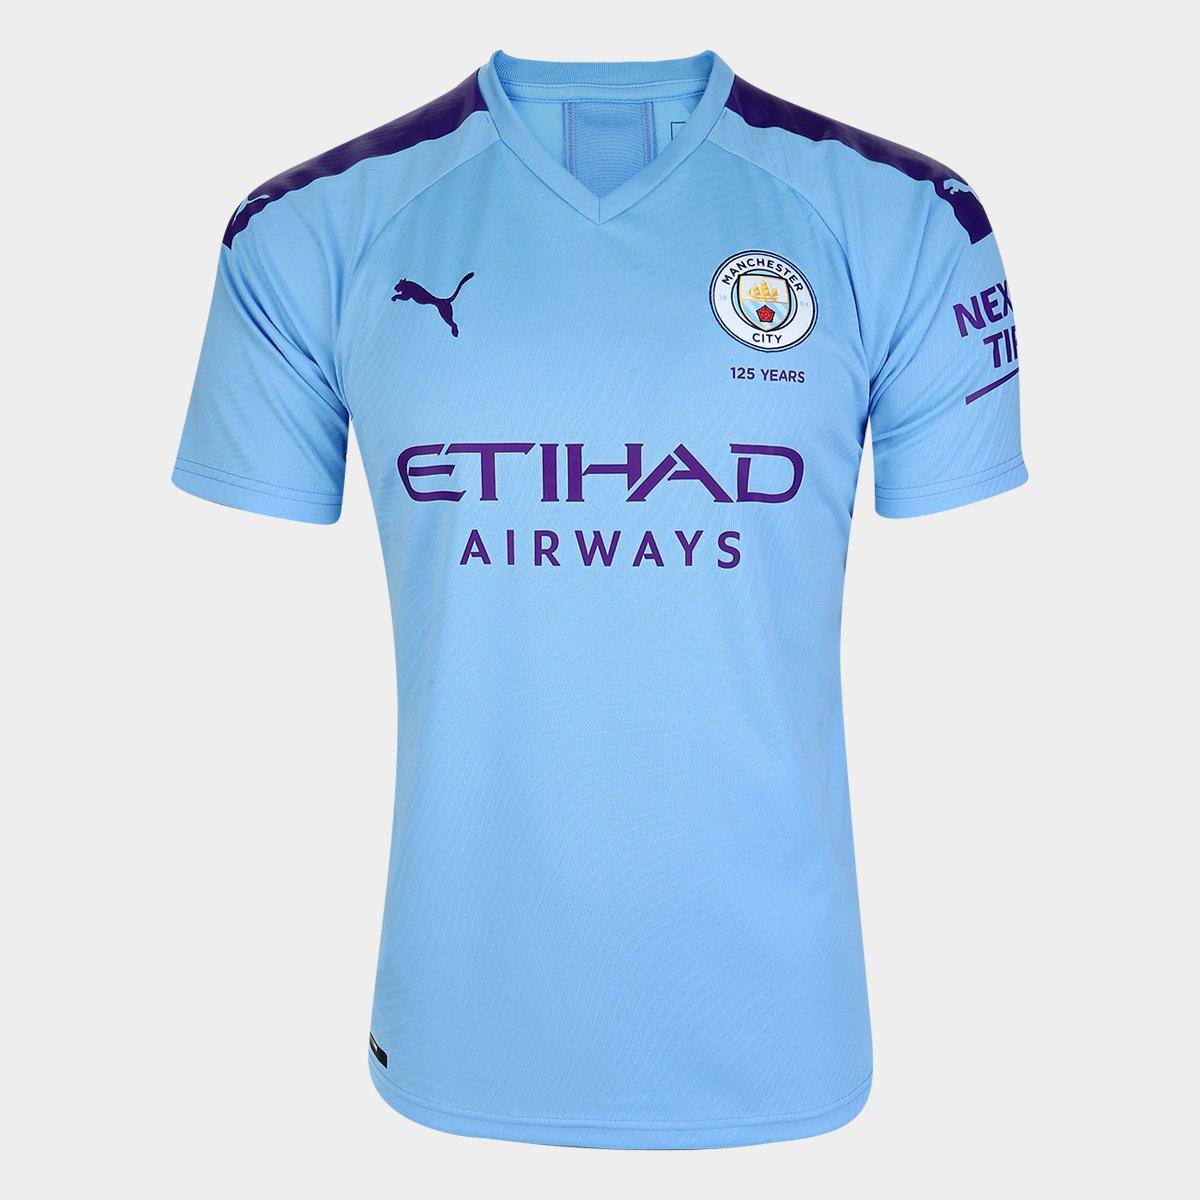 Camisa Manchester City Home 19/20 s/n° - Torcedor Puma - Azul e Roxo